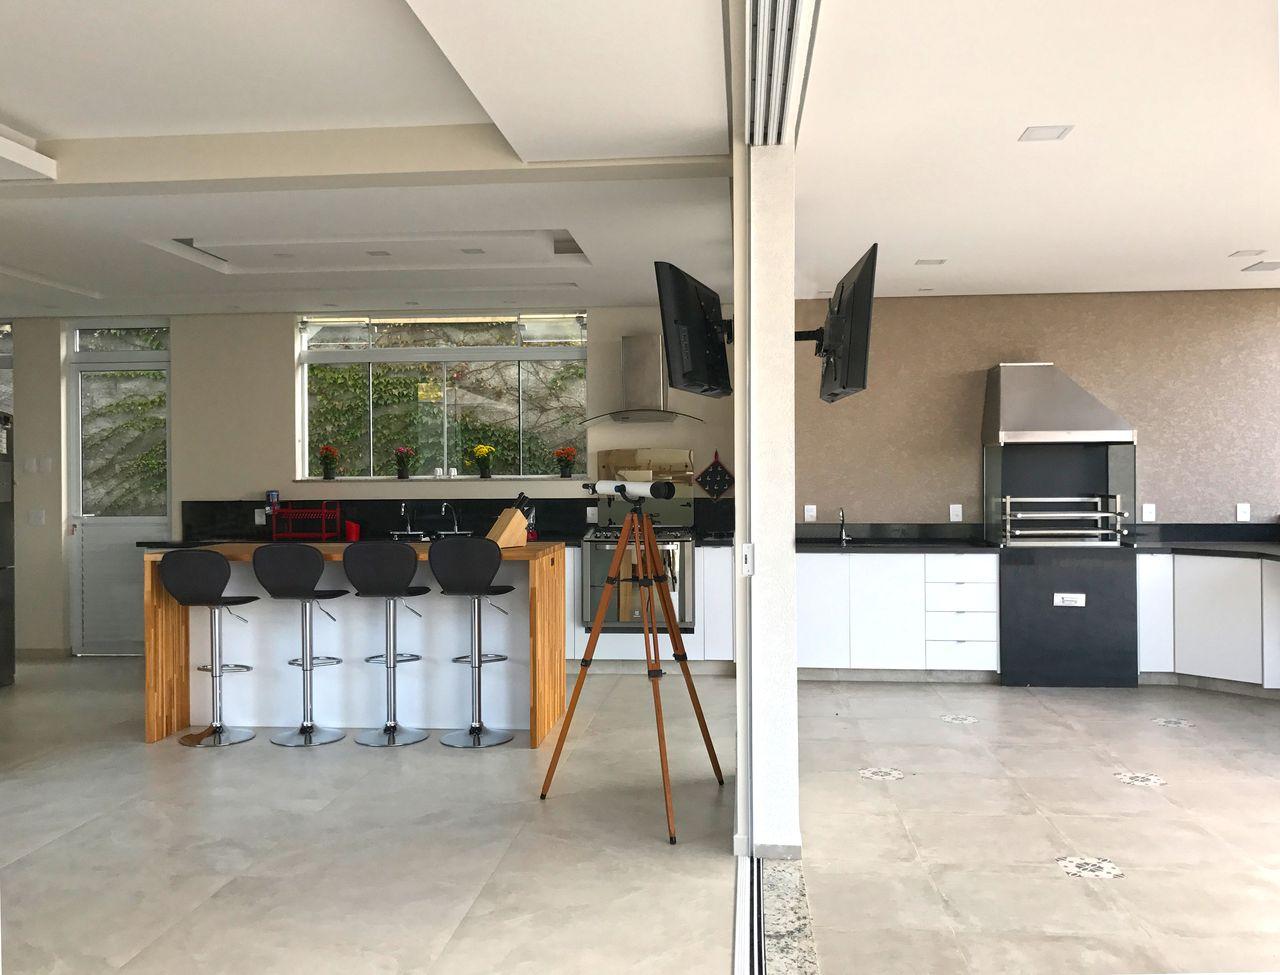 Cozinha E Espa O Gourmet Neutros De Ilha Arquitetura 142257 No